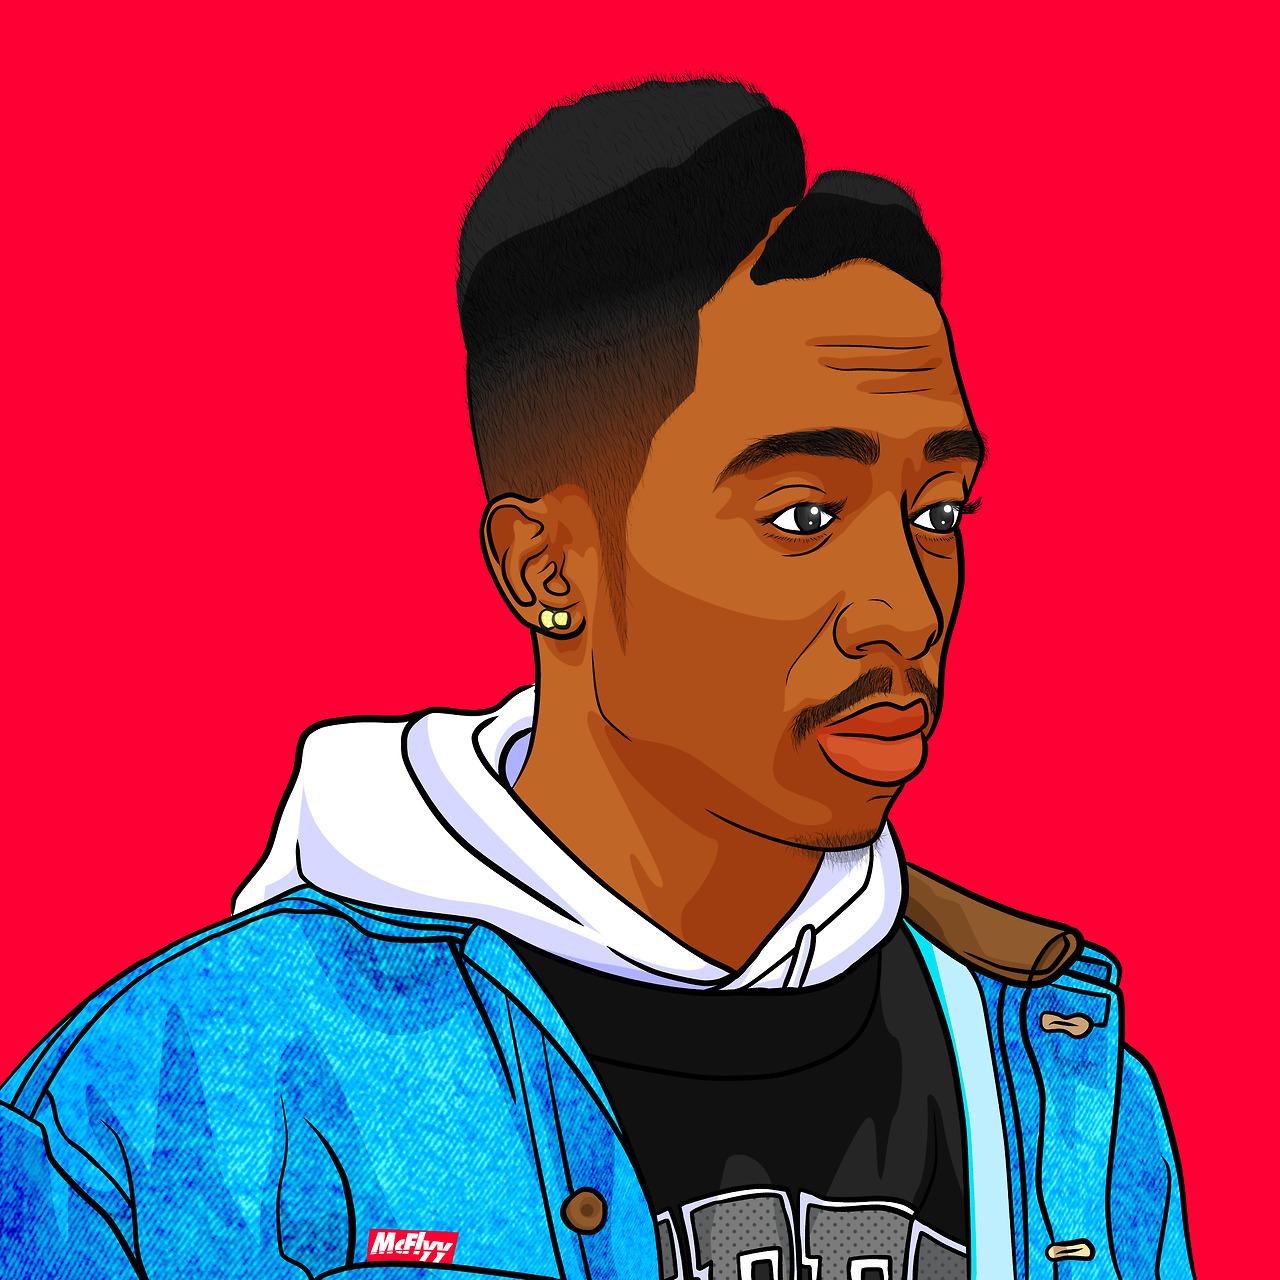 Lil Yachty Wallpaper Iphone Art Pop Ft Mcflyy